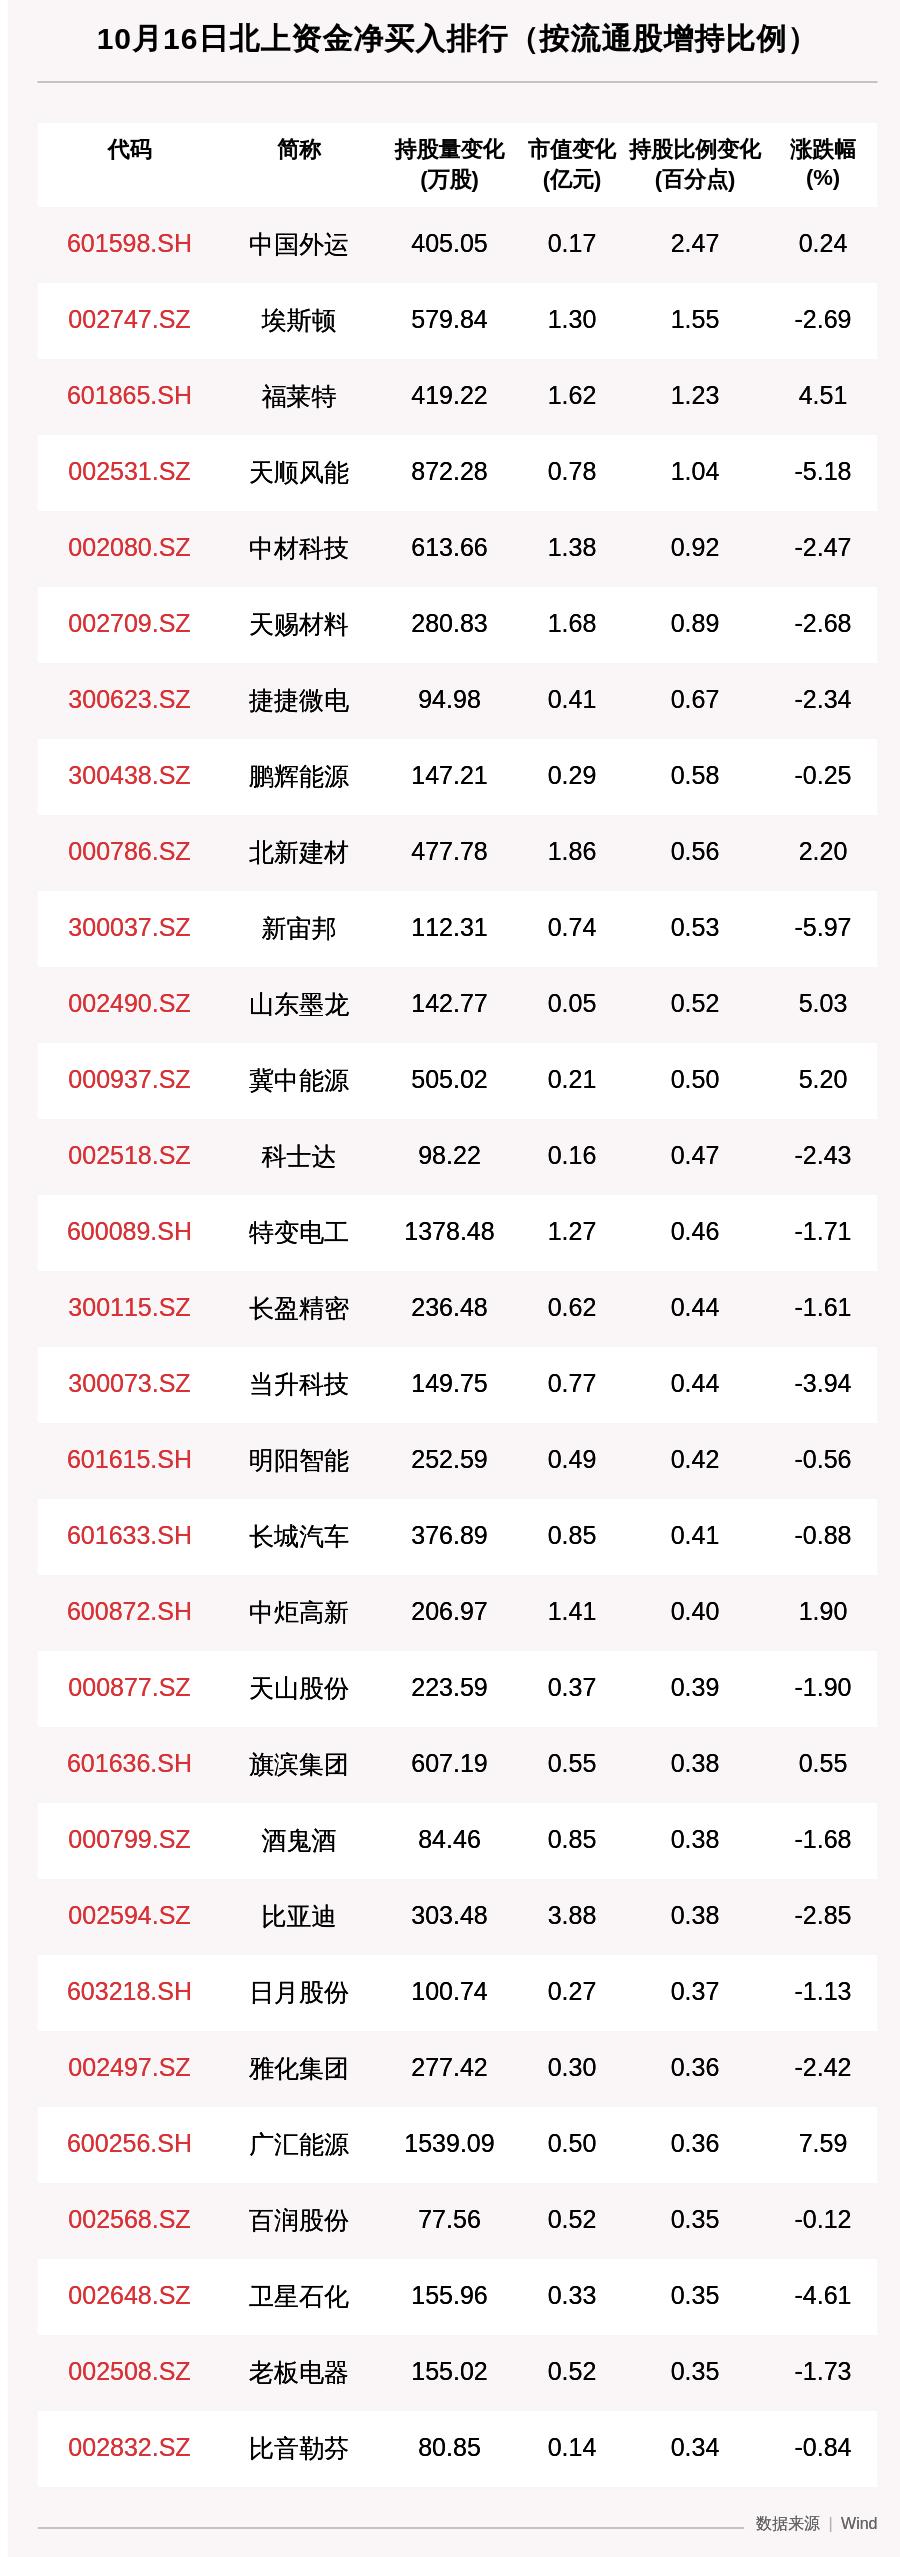 北向资金动向曝光:10月16日这30只个股被猛烈扫货(附名单)